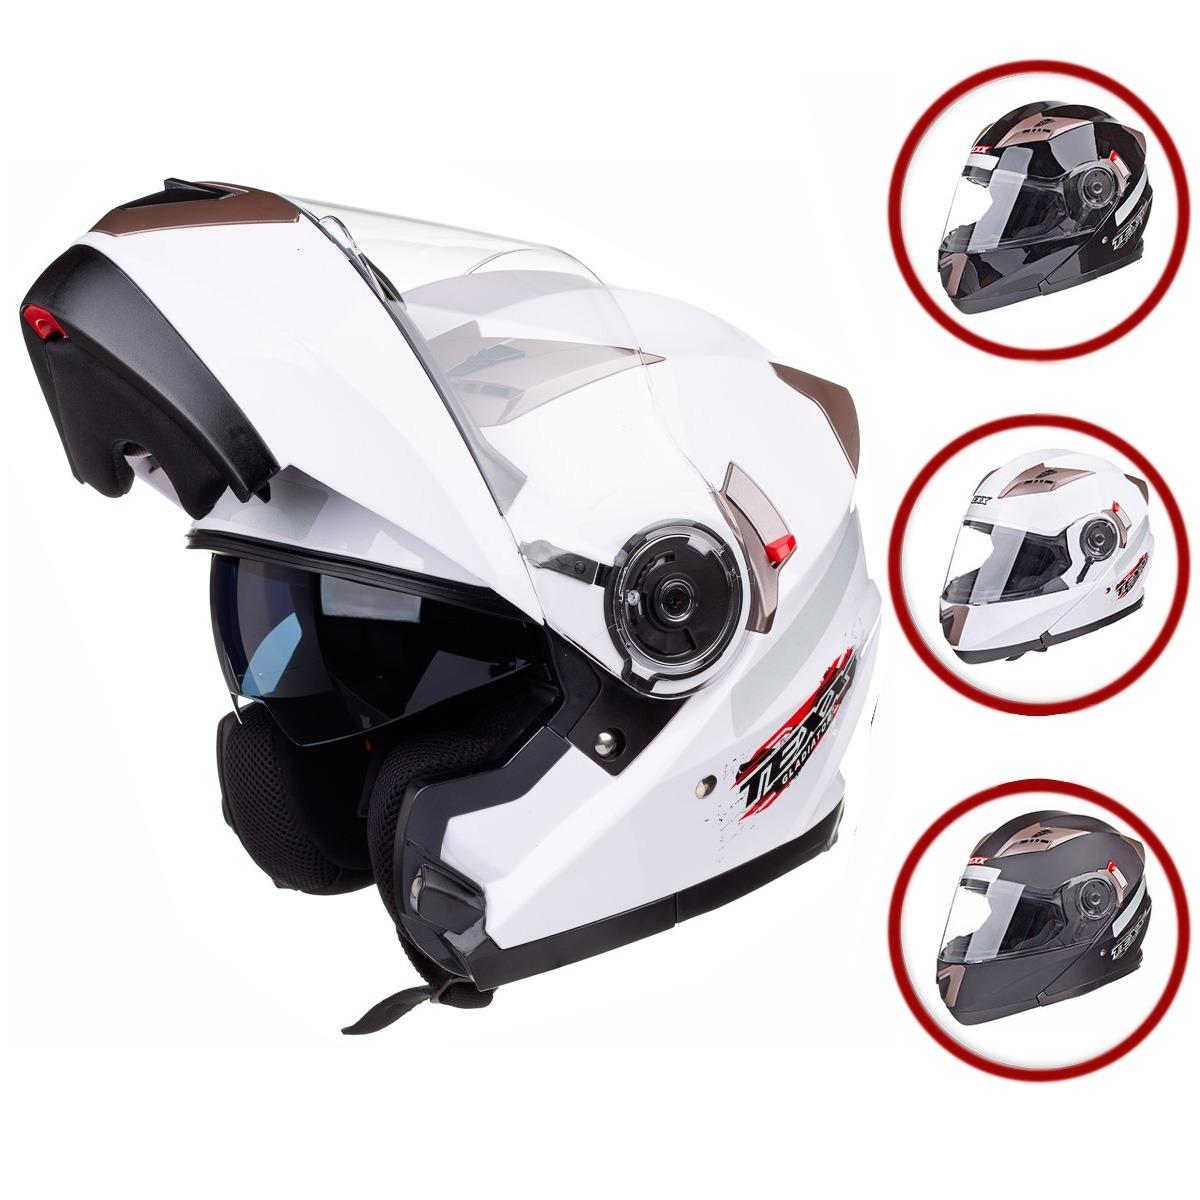 57e5ebdb0 capacete texx gladiator robocop escamoteavel articulado. Carregando zoom.